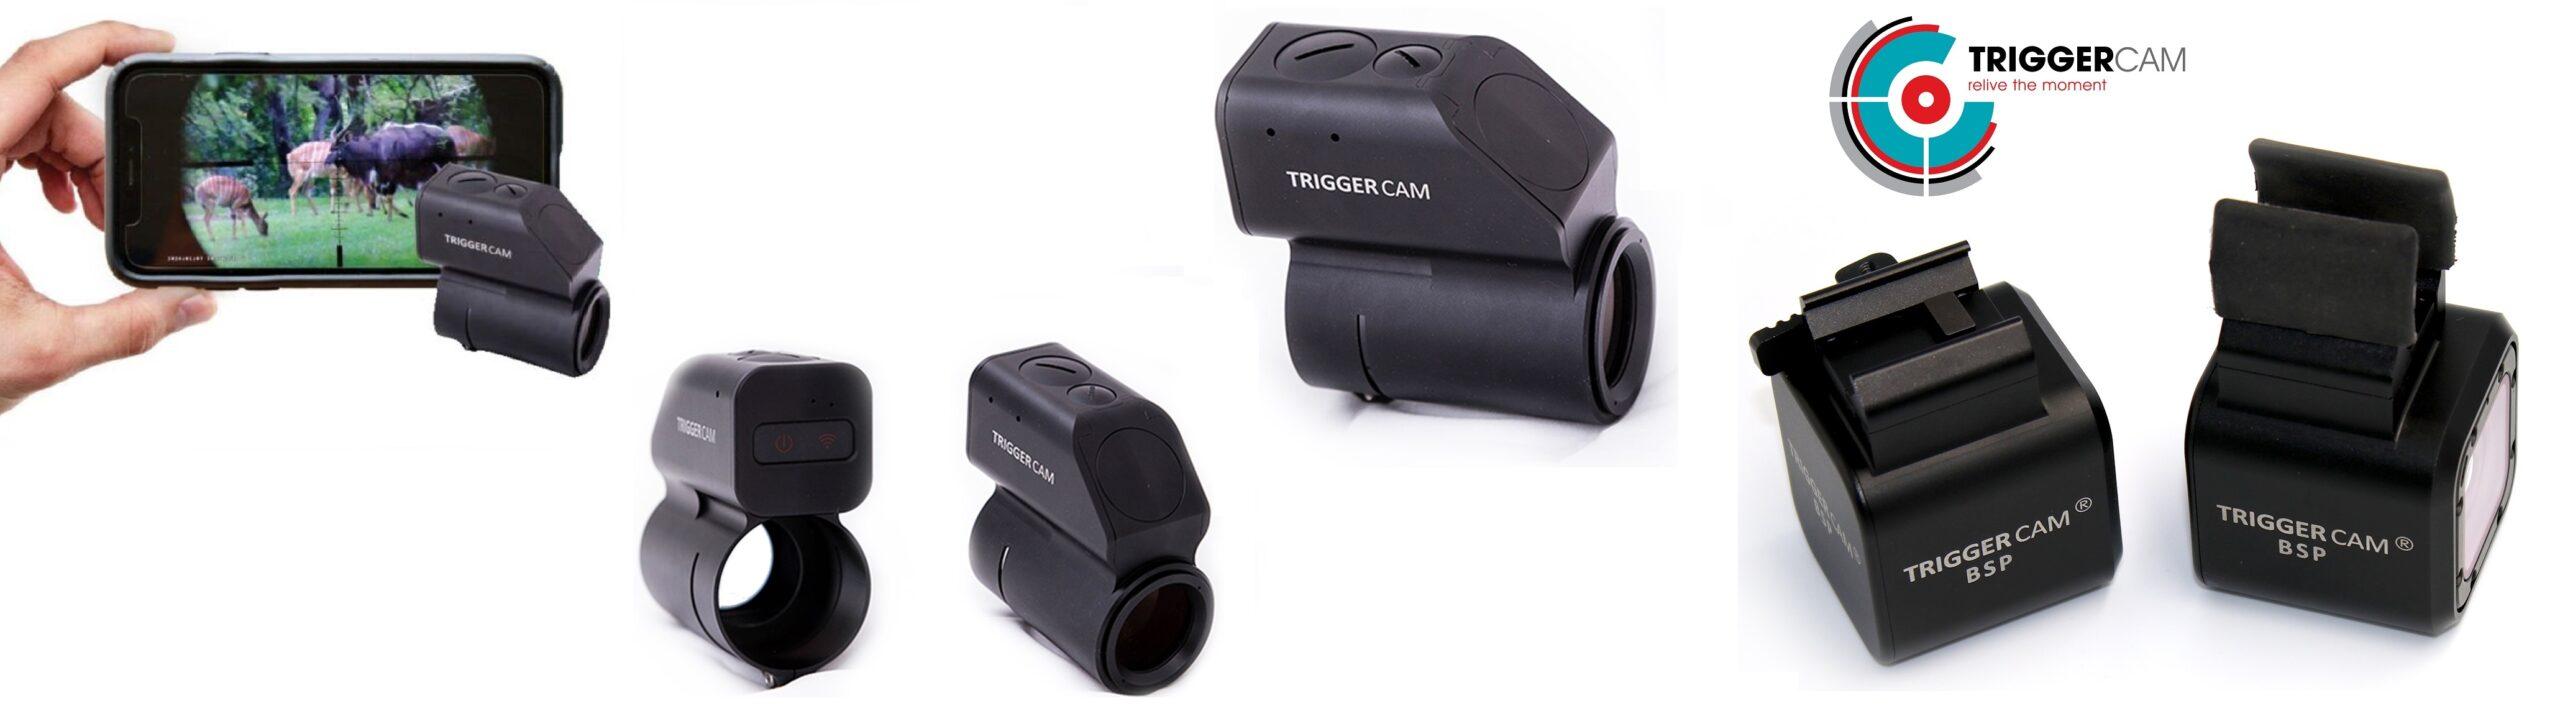 Камера оружейная TRIGGERCAM